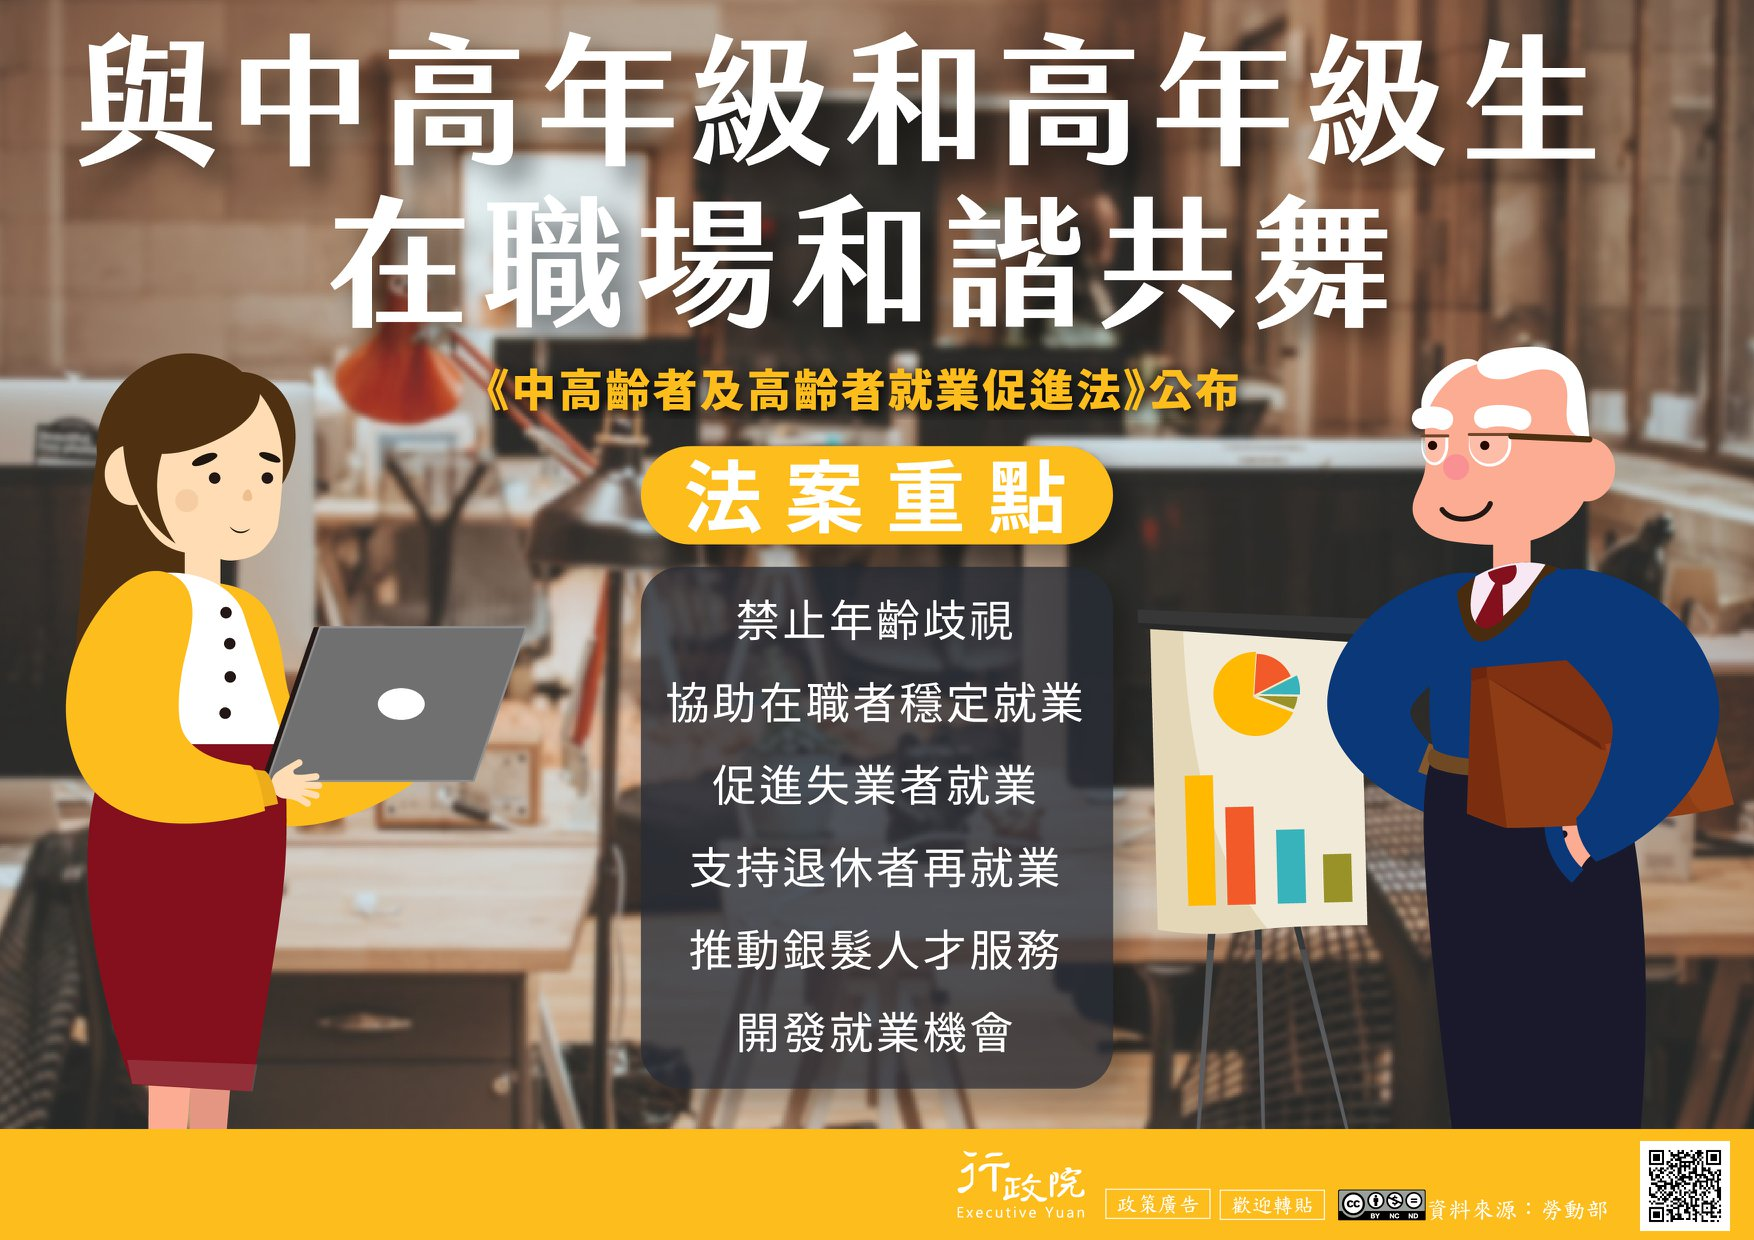 《中高齡者及高齡者就業促進法》公布 勞動部-HR